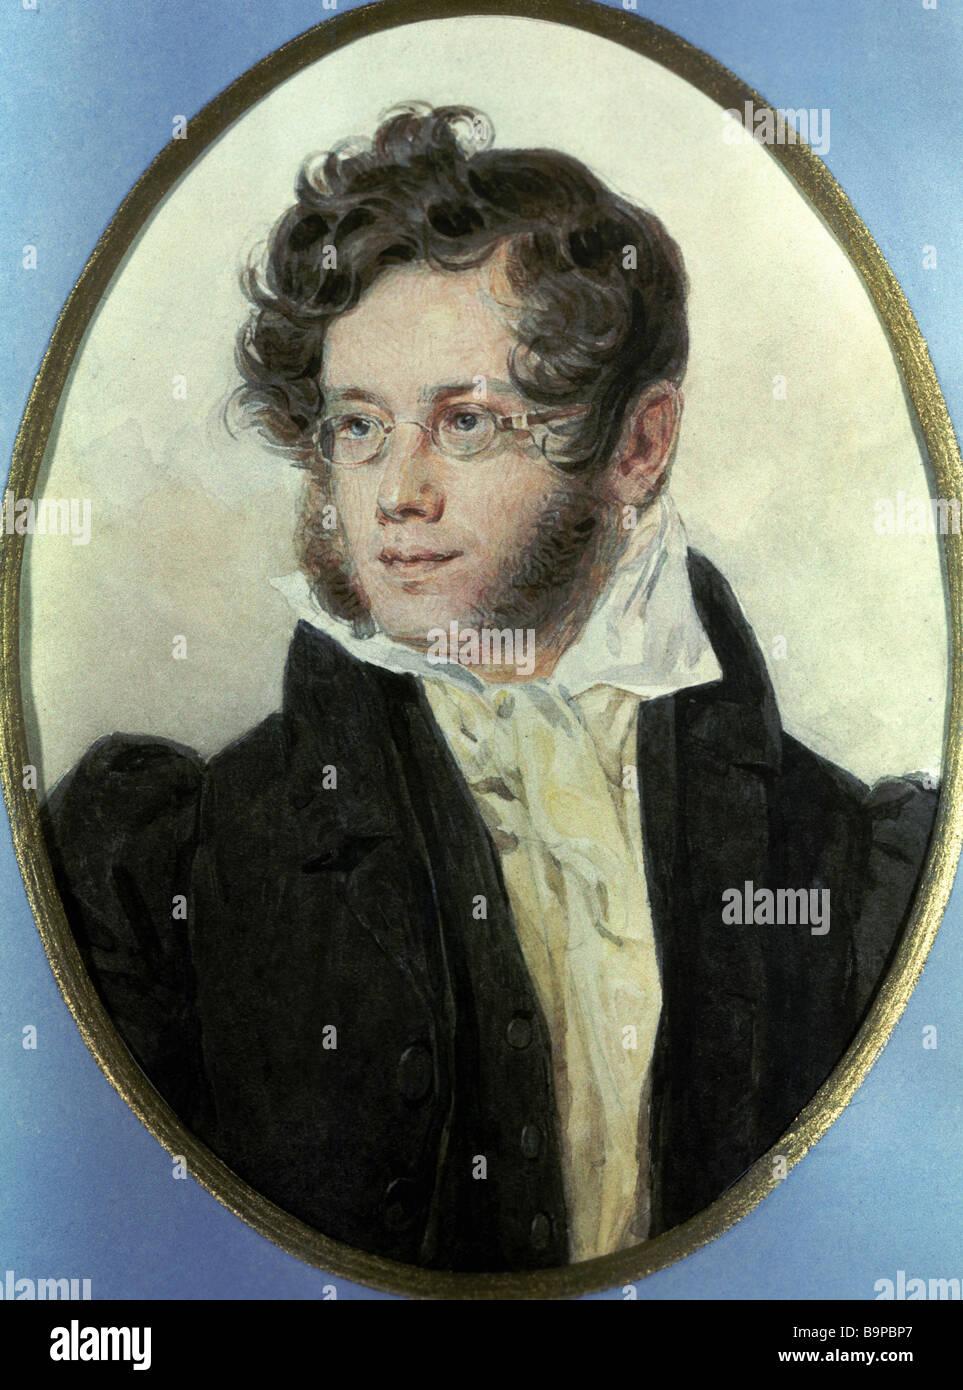 Pyotr Sokolov ritratto ad acquerello del XIX secolo poeta russo Pyotr Vyazemsky Immagini Stock